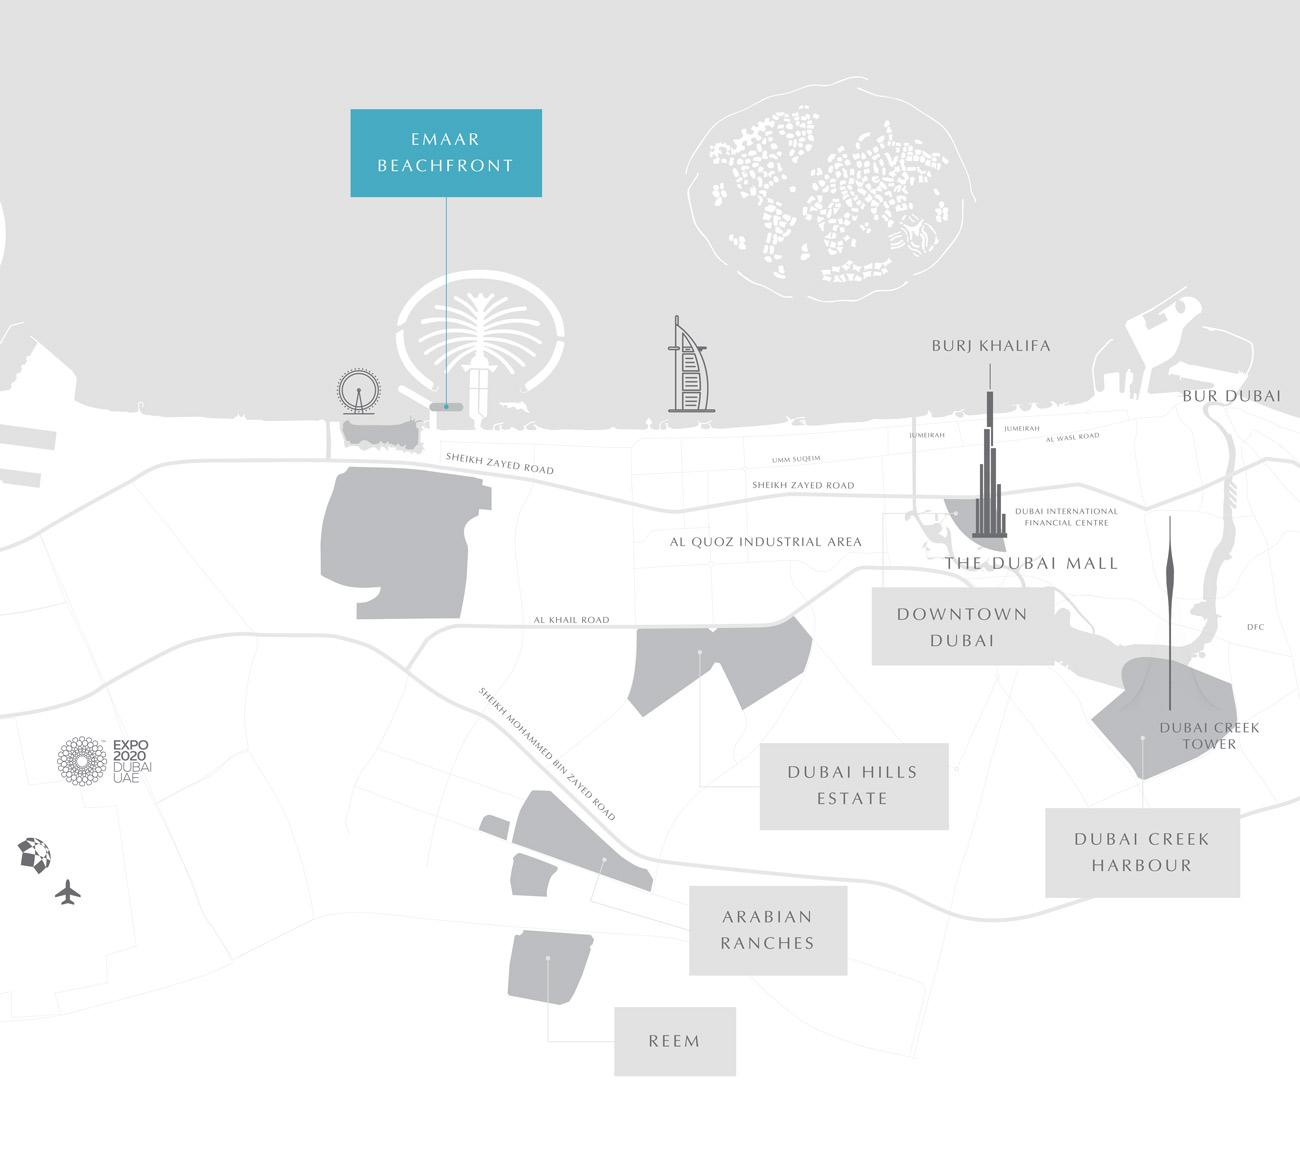 位置海滨-Palace Residences Emaar海滨